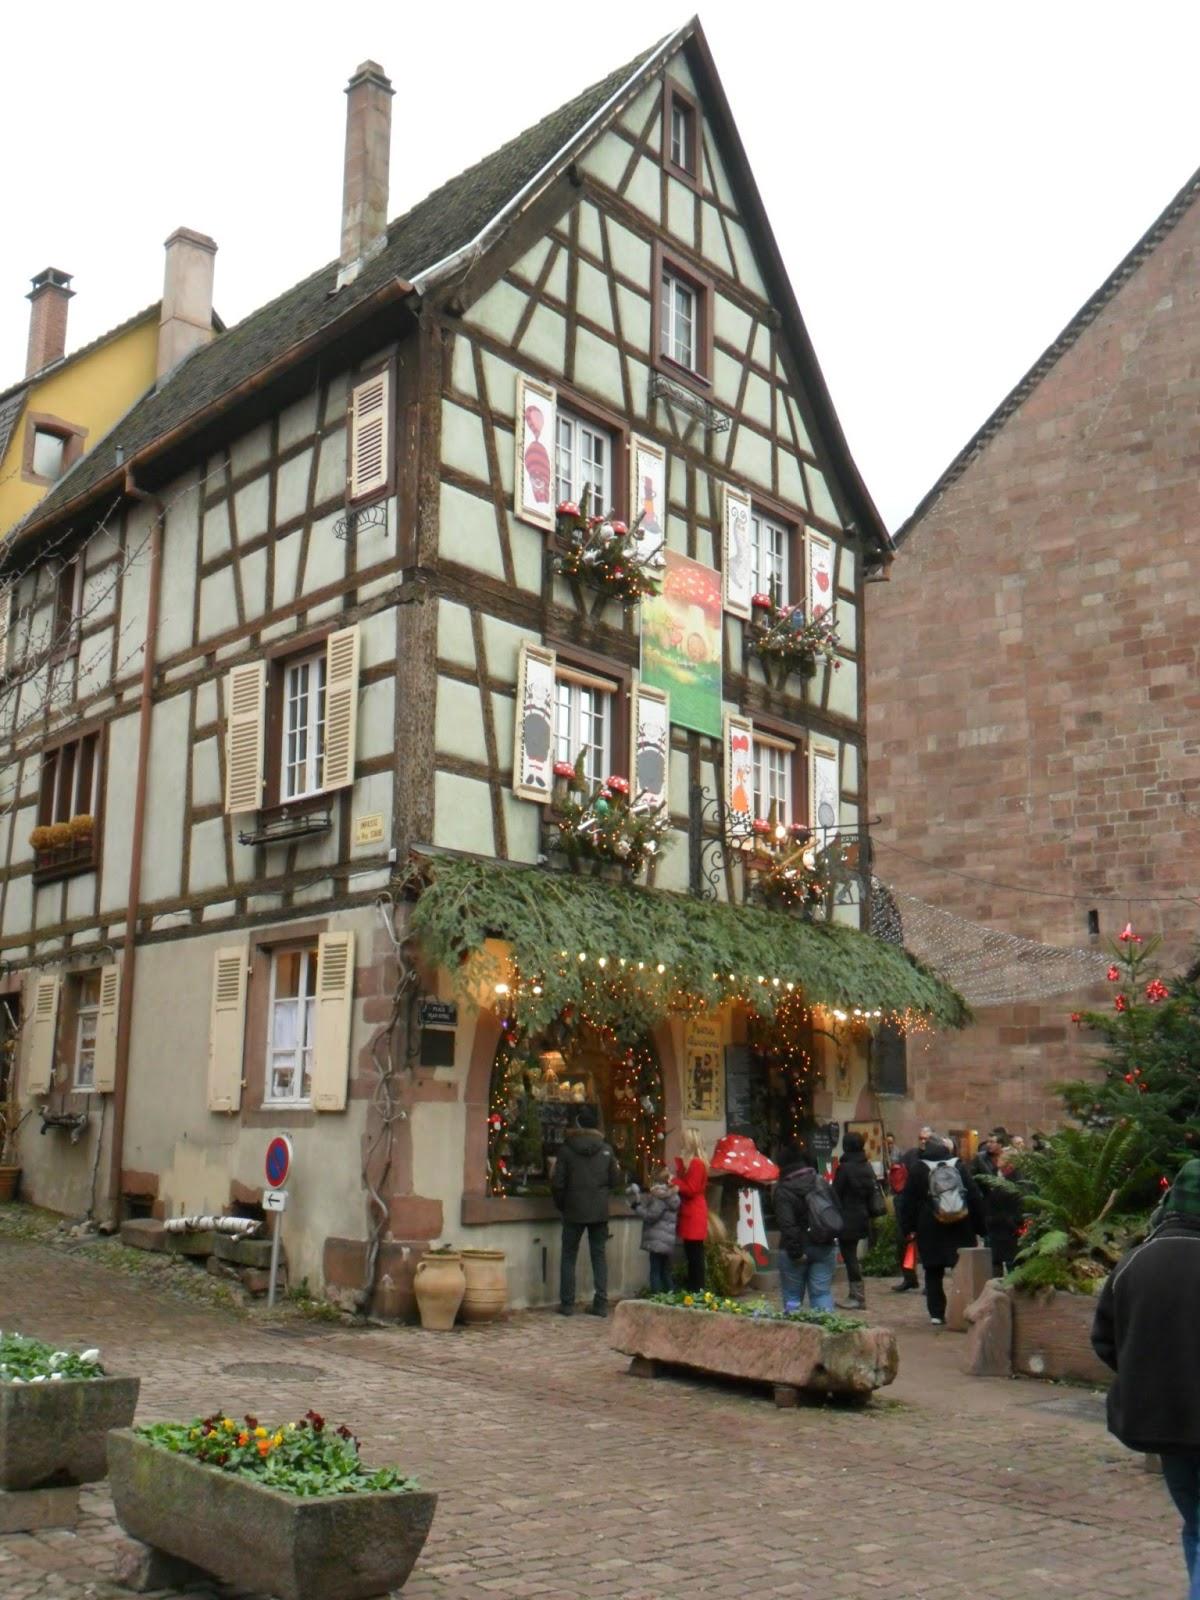 Le jardin de prosper escapade alsacienne for Champignon facade maison